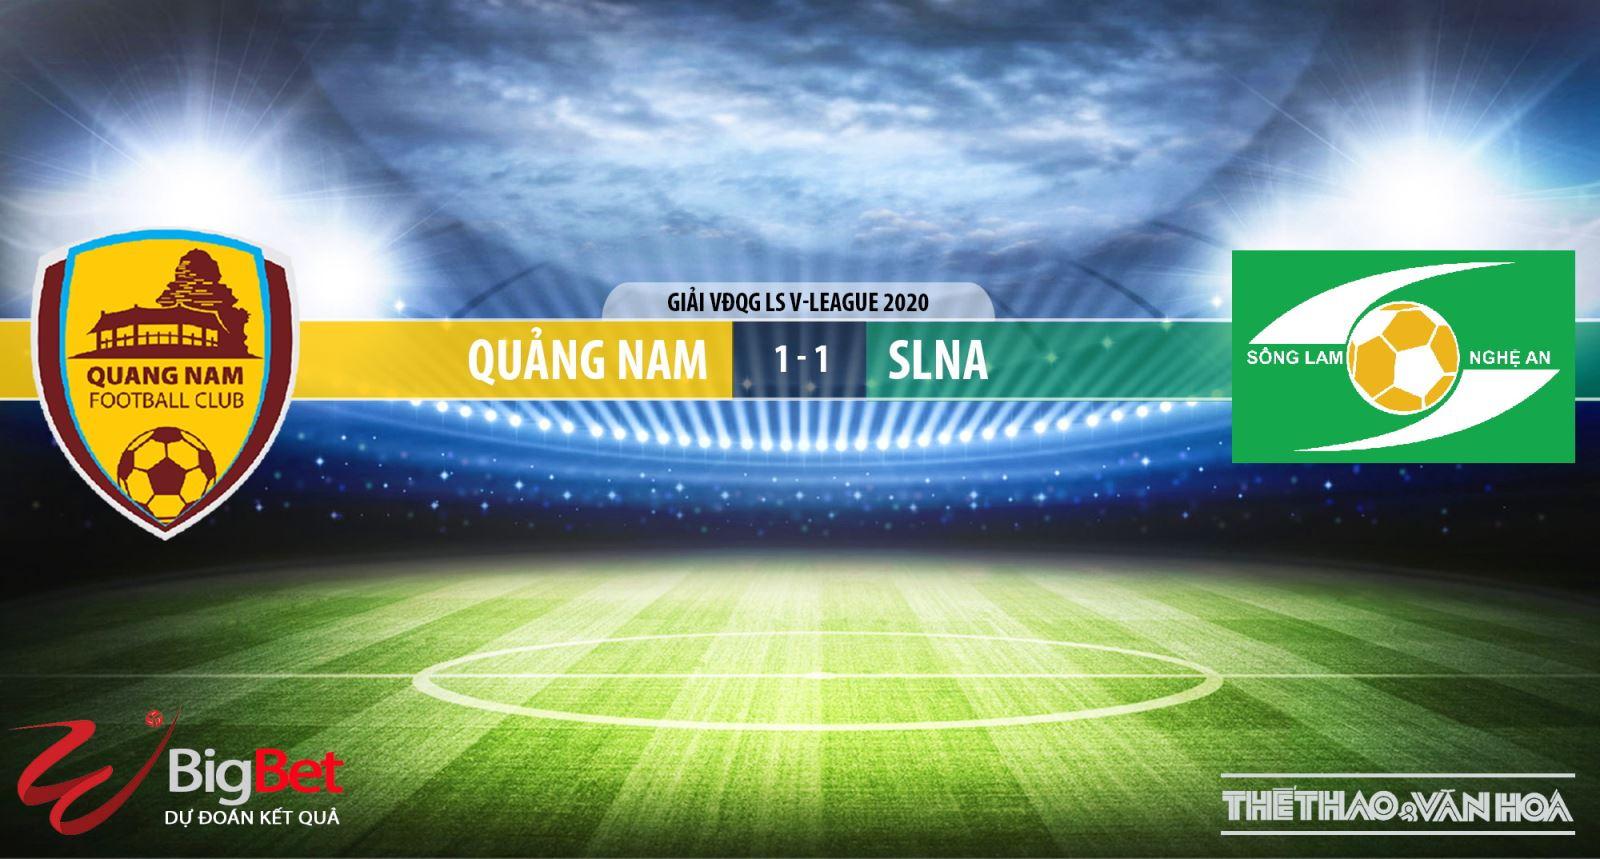 Quảng Nam vs Sông Lam Nghệ An, Quảng Nam vs SLNA, bóng đá, trực tiếp bóng đá, lịch thi đấu bóng đá, V-League, soi kèo, kèo bóng đá